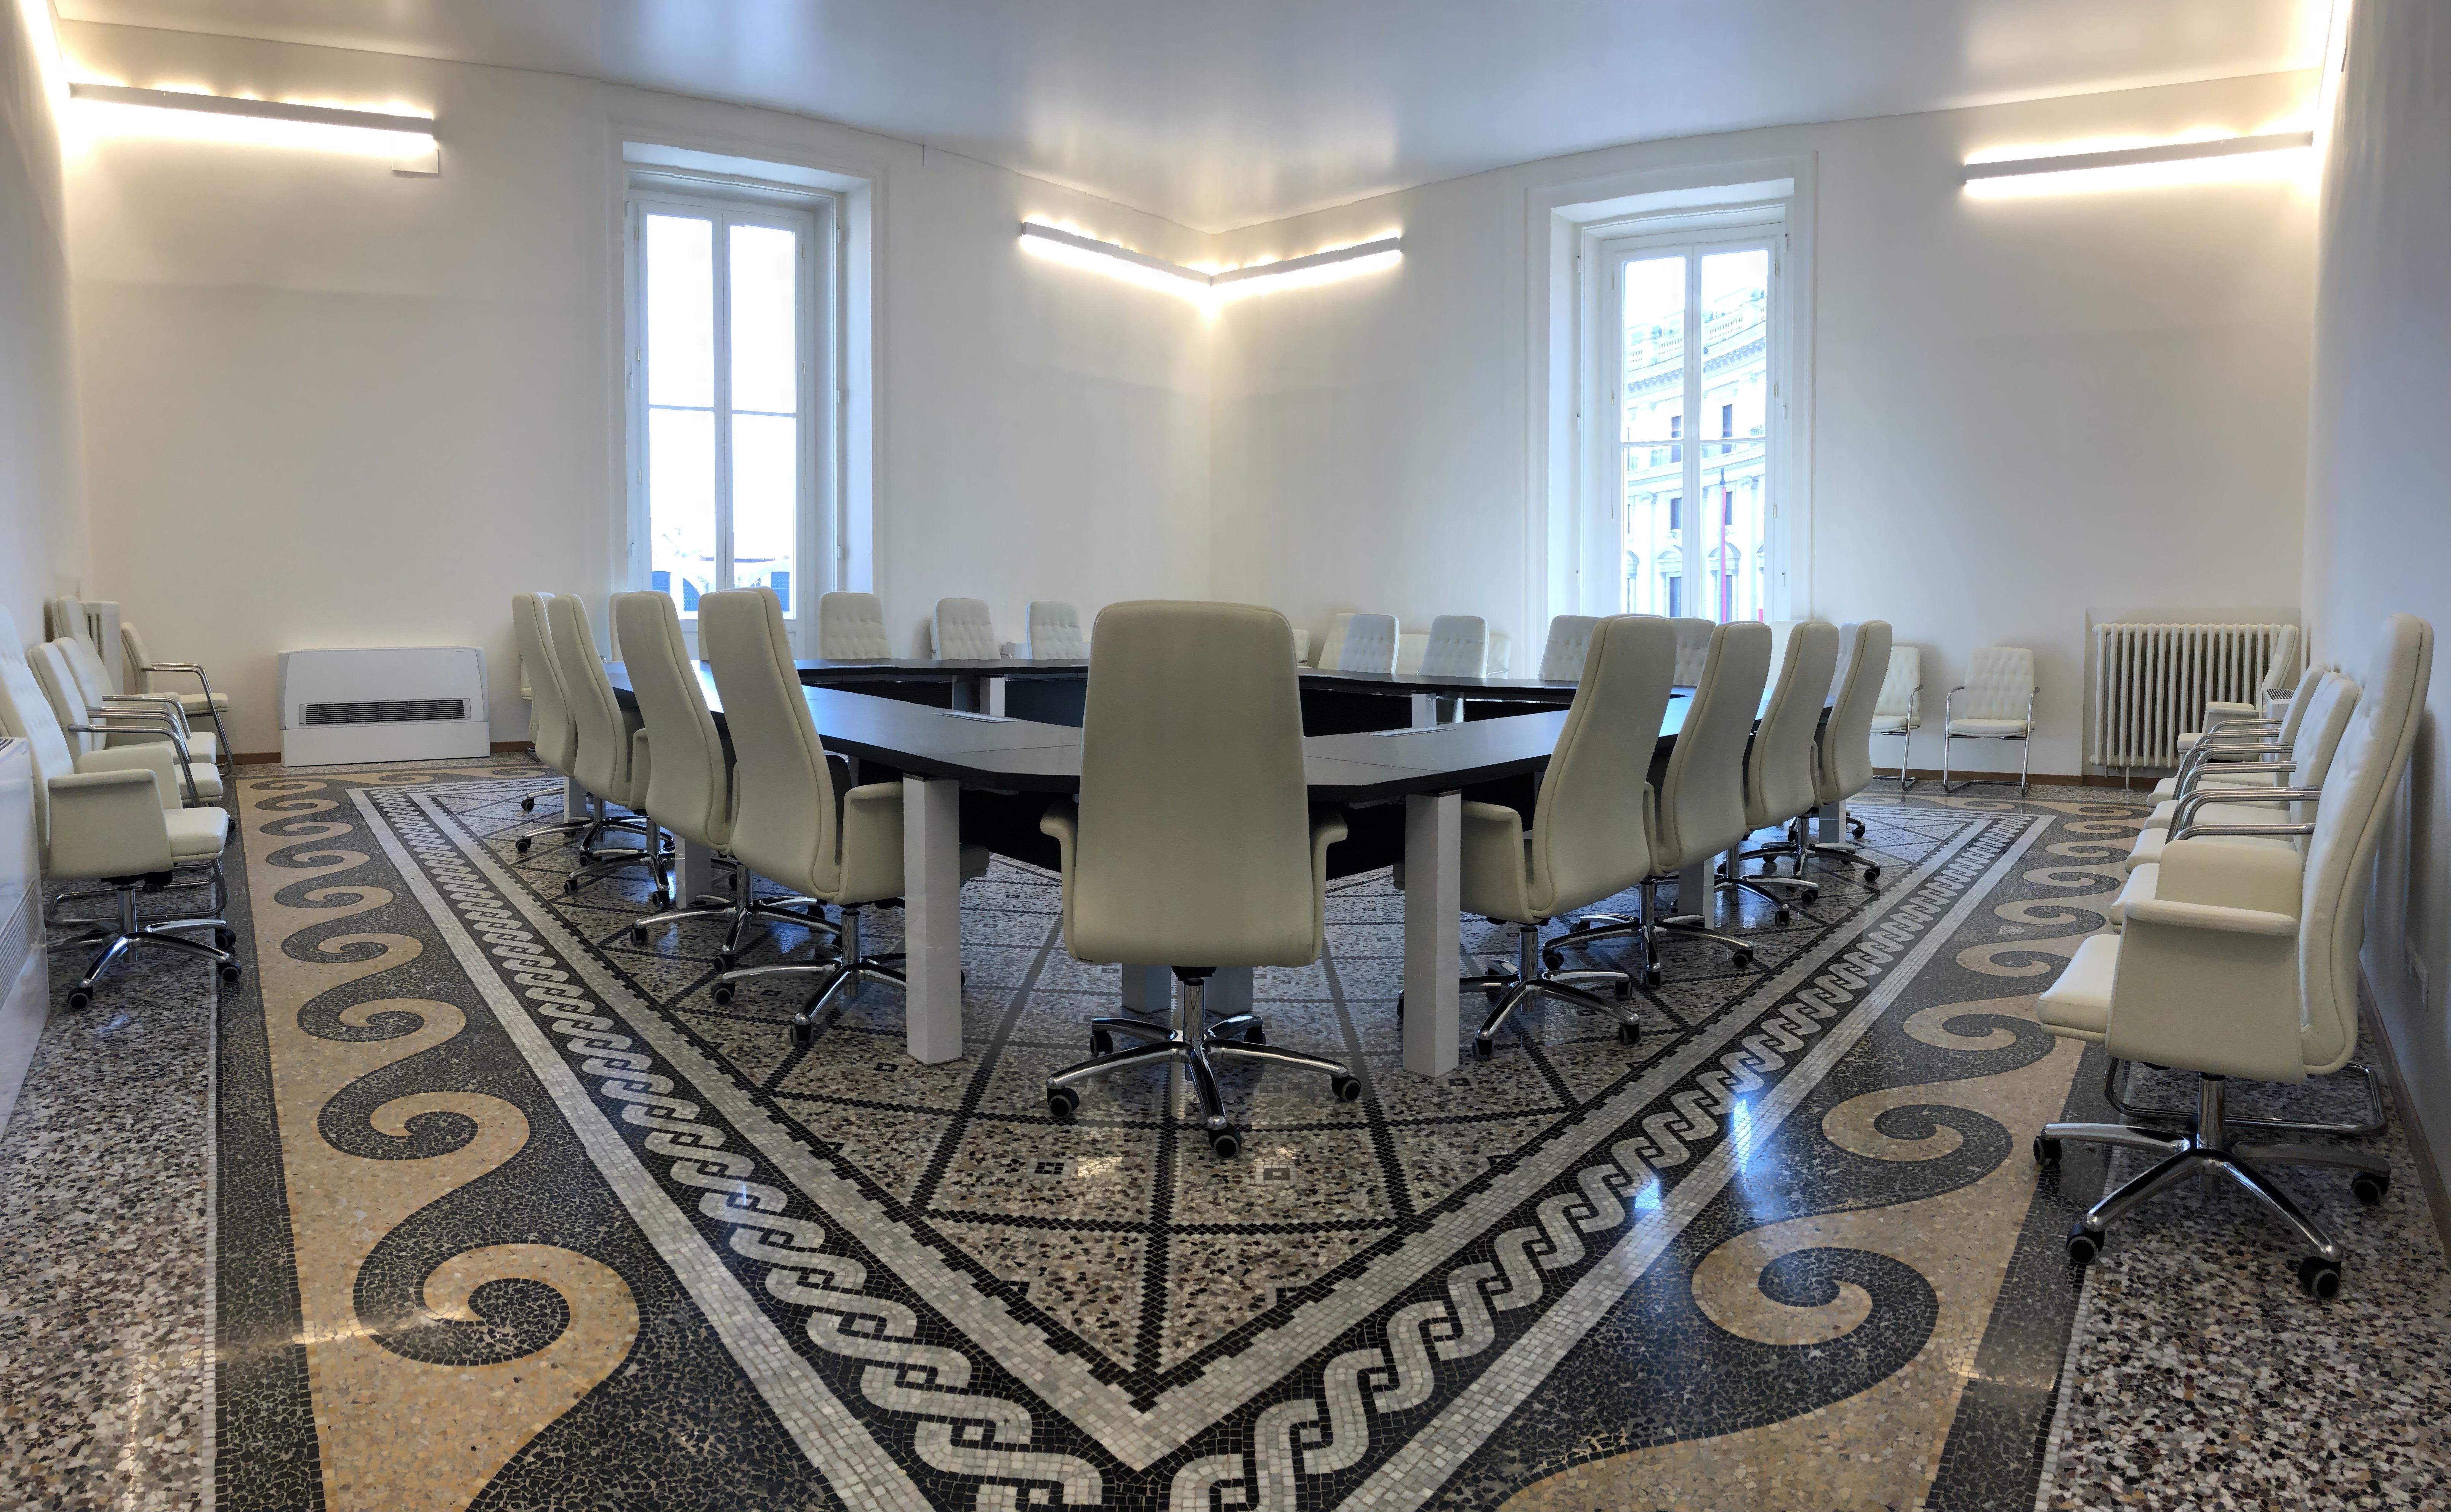 Nuova sede dell'Ispettorato del Lavoro – Sala conferenze e sala riunioni